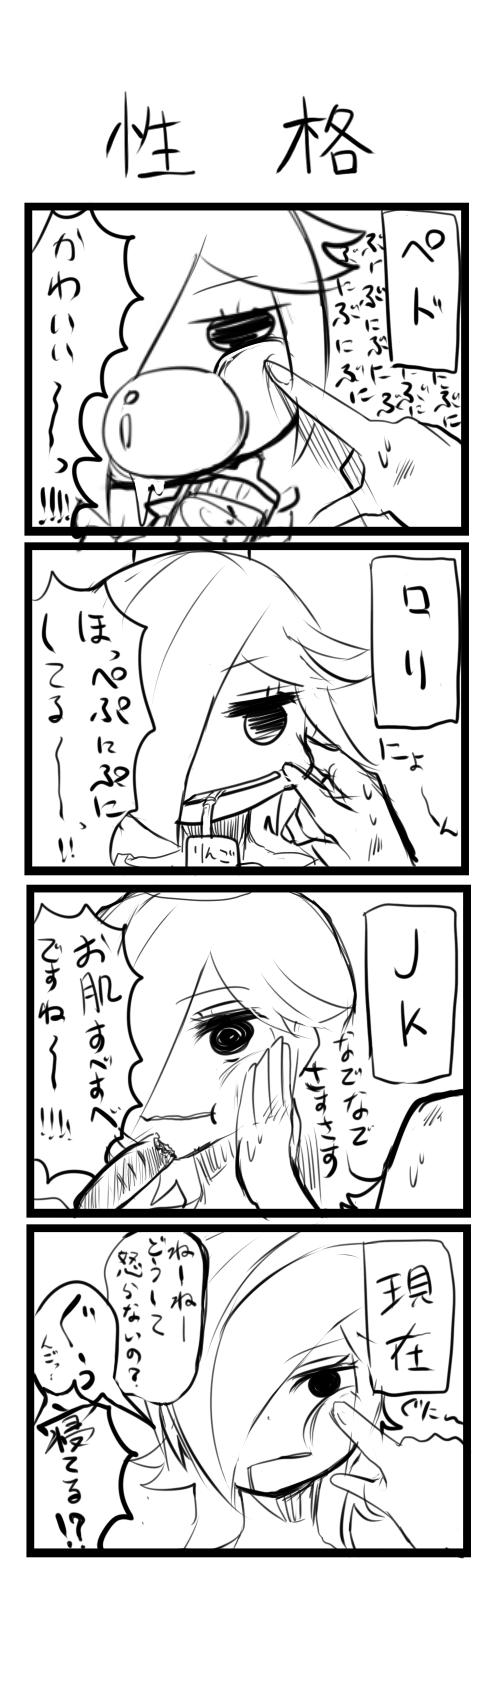 ヨンコマ1